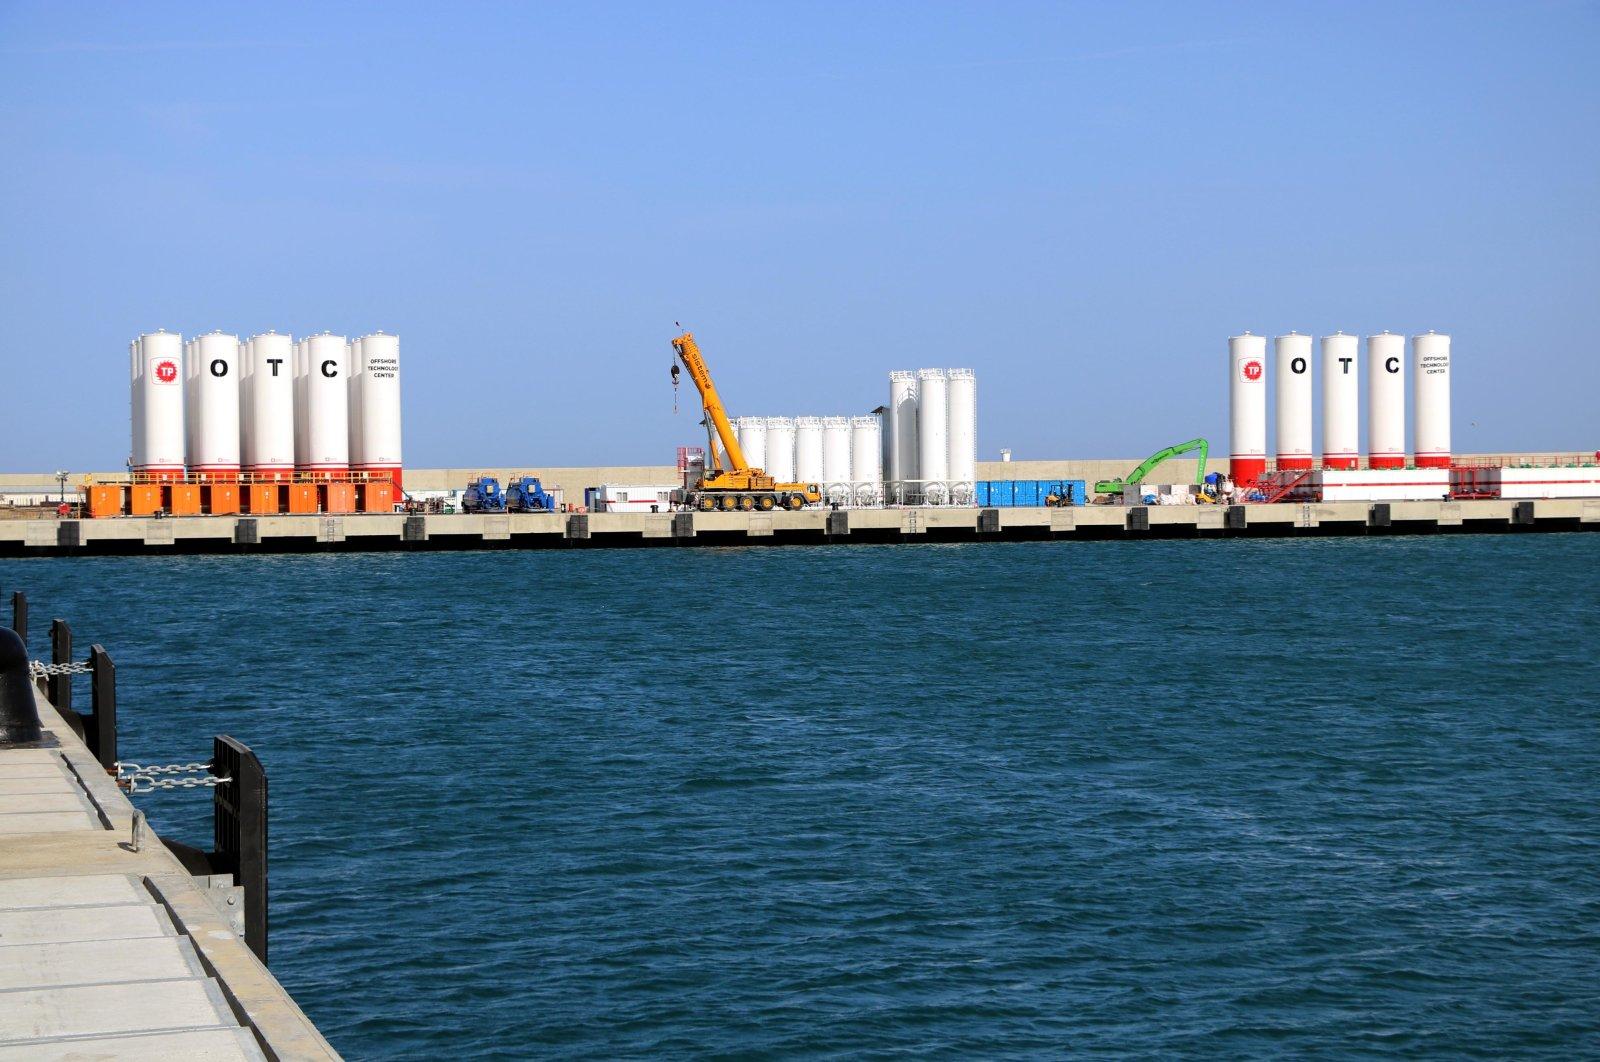 Часть порта Филос, видимая на этой фотографии, Зонгулдак, северная Турция, 25 января 2021 года. (Фото DHA)